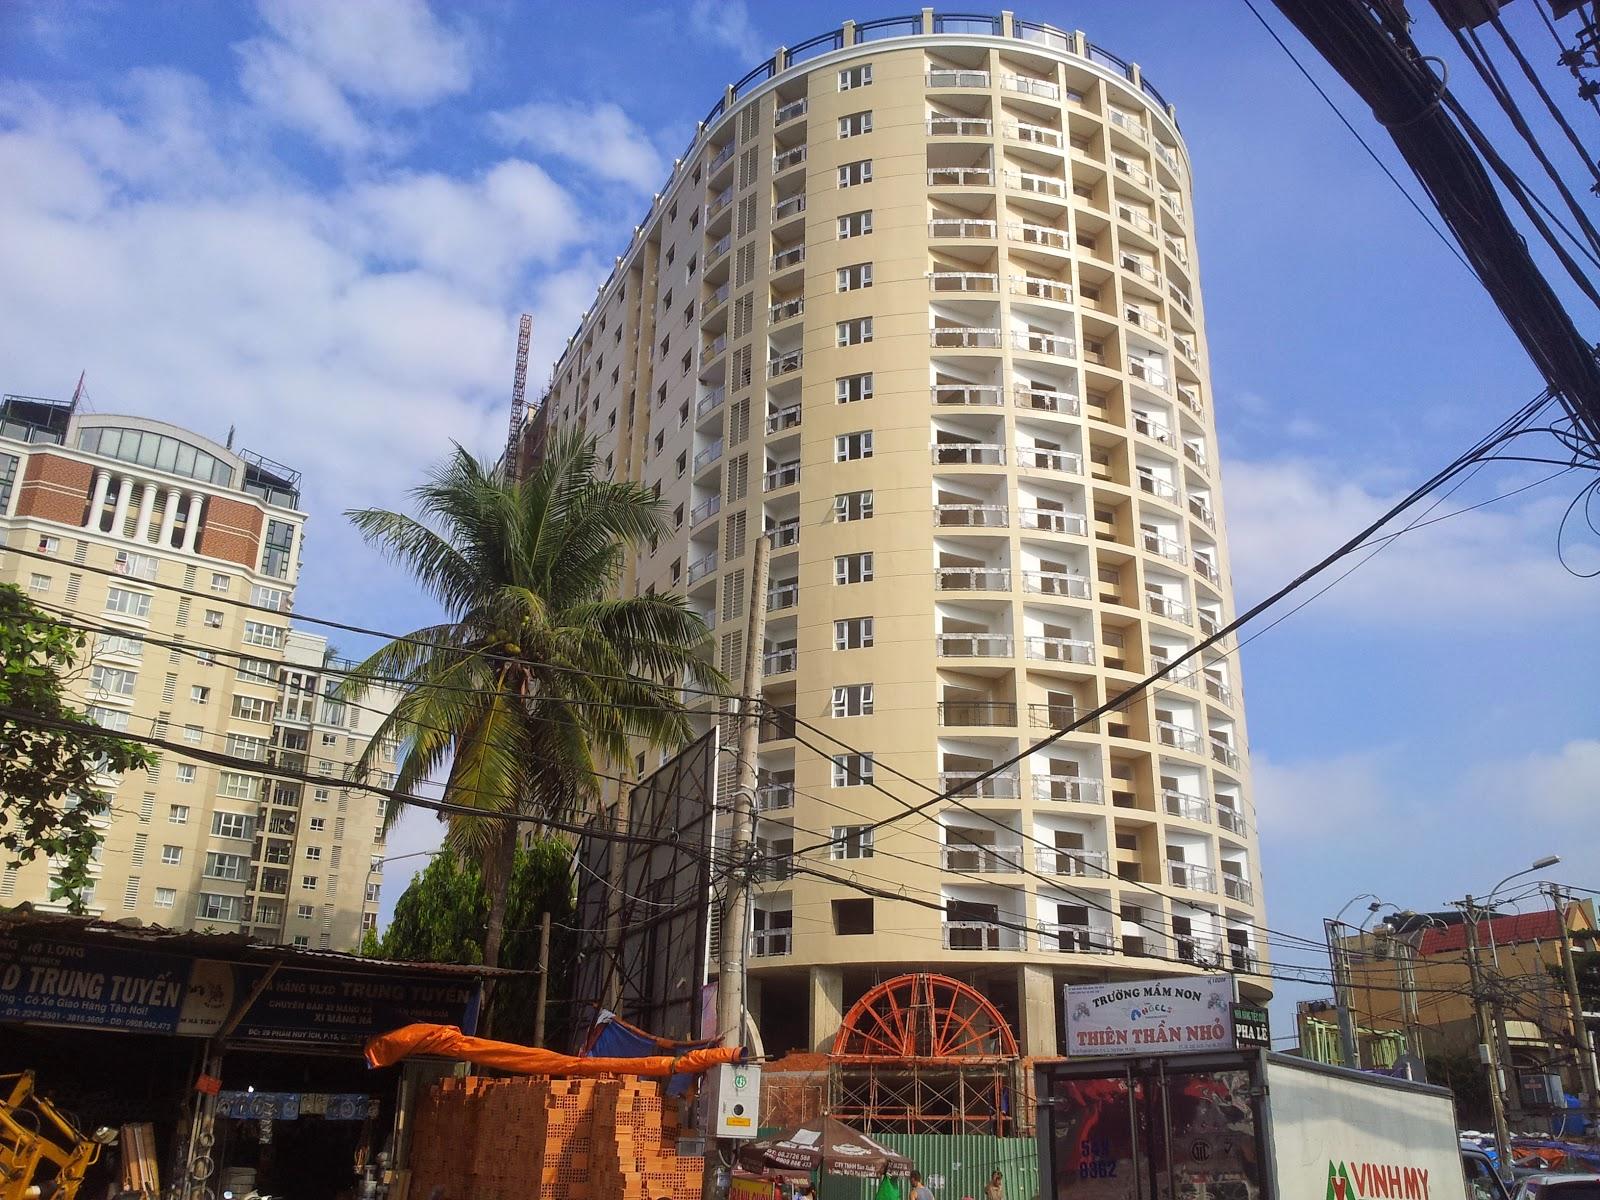 Căn hộ Phúc Yên 2 quận Tân Bình - Tiến độ thi công mới nhất (28/10/2014)